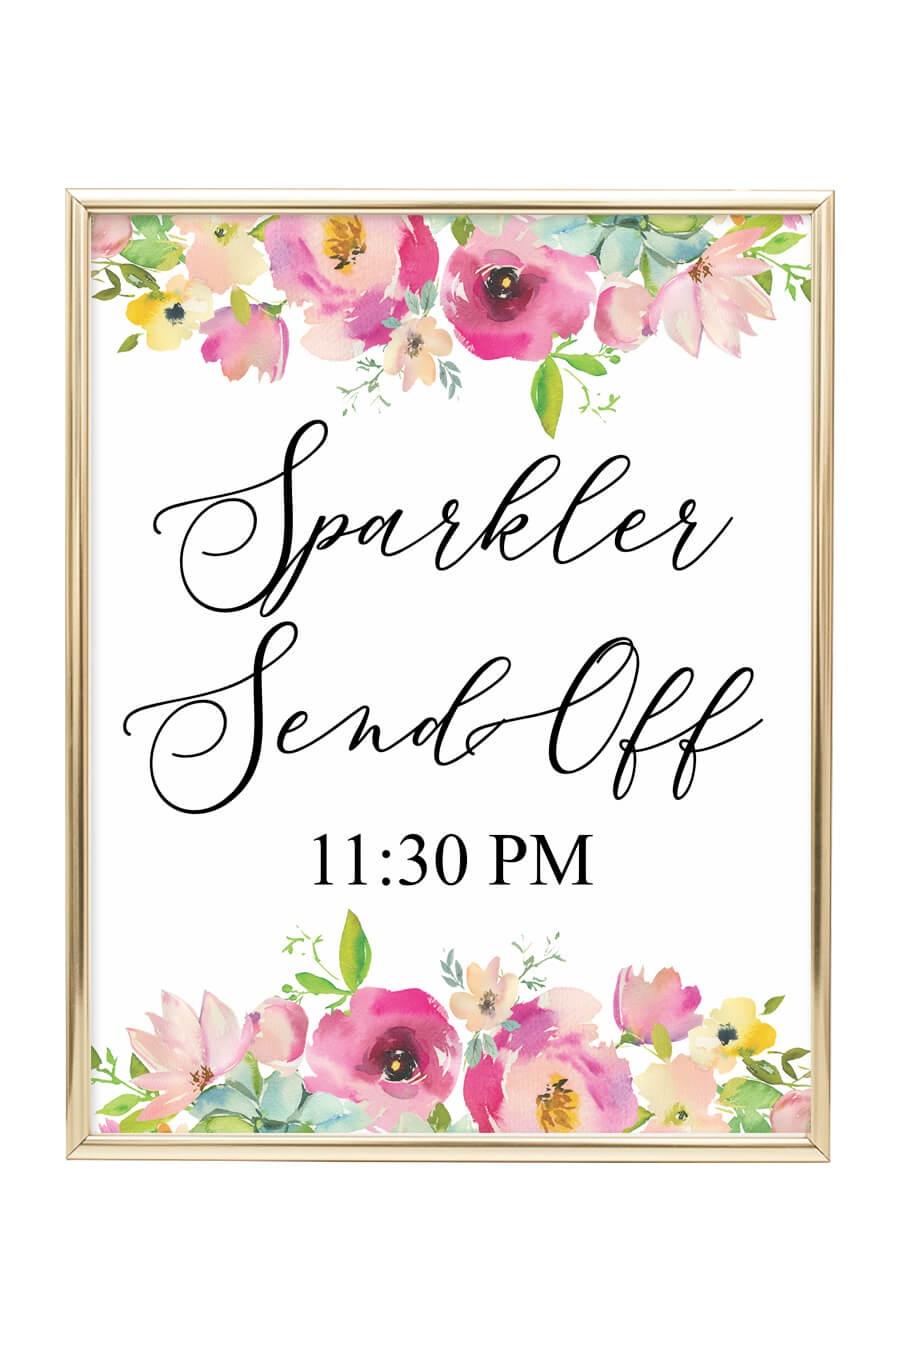 Sparkler Send Off Printable Sign (Pink Floral) - Chicfetti - Free Printable Wedding Sparkler Sign